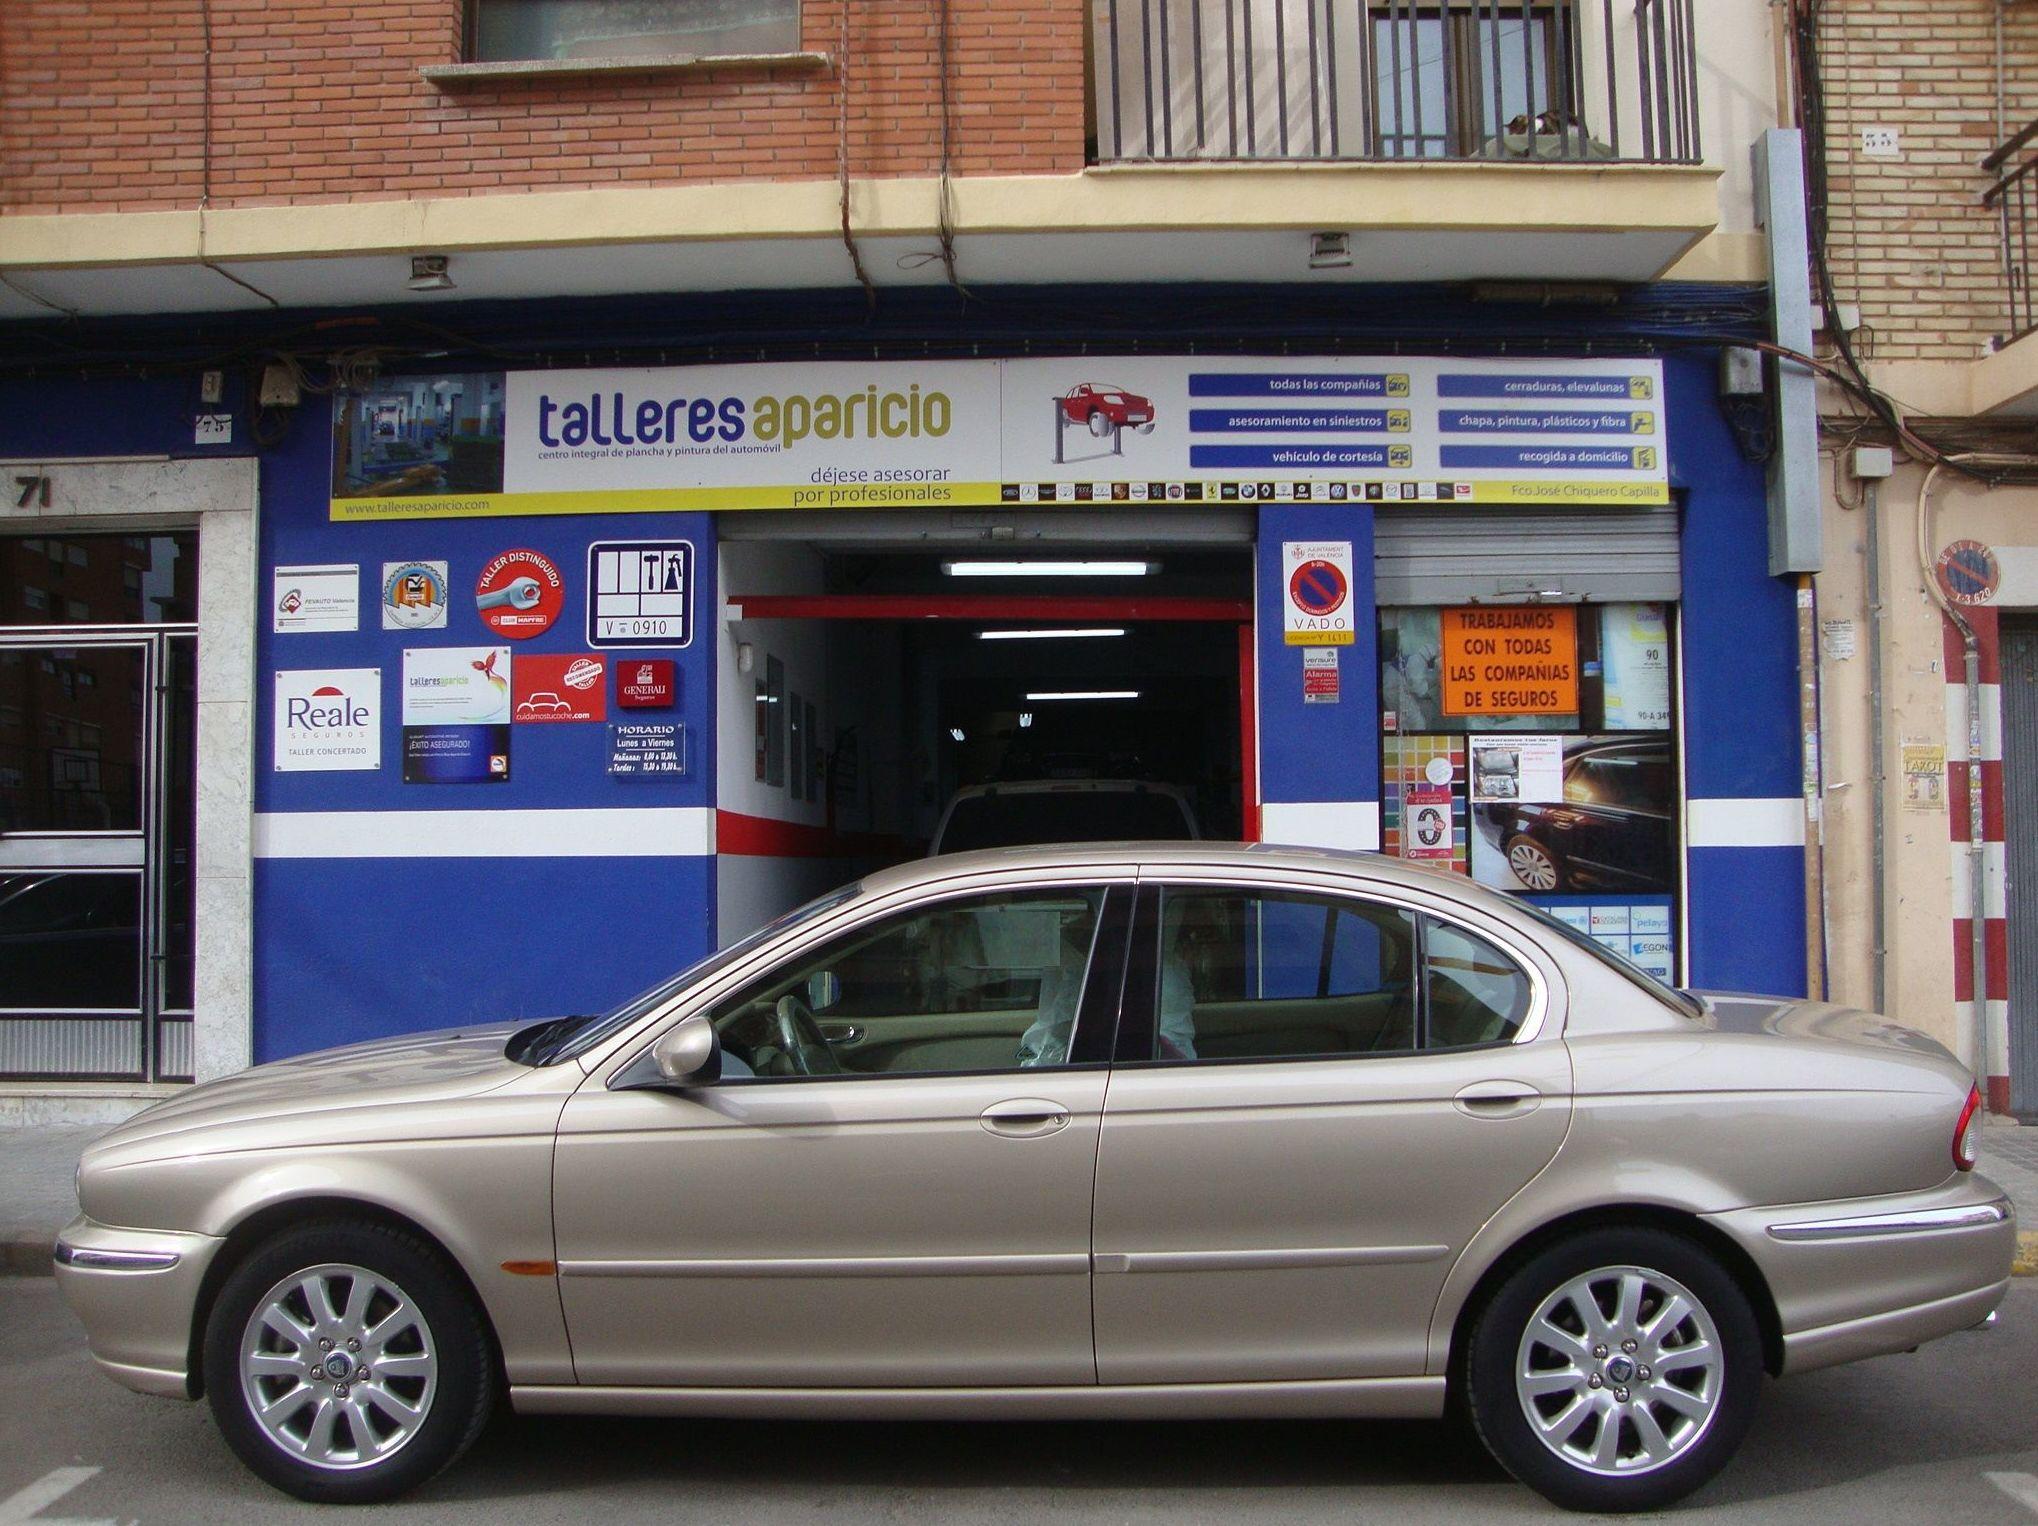 Foto 35 de Talleres de chapa y pintura en Valencia | Talleres Aparicio Autochiquero